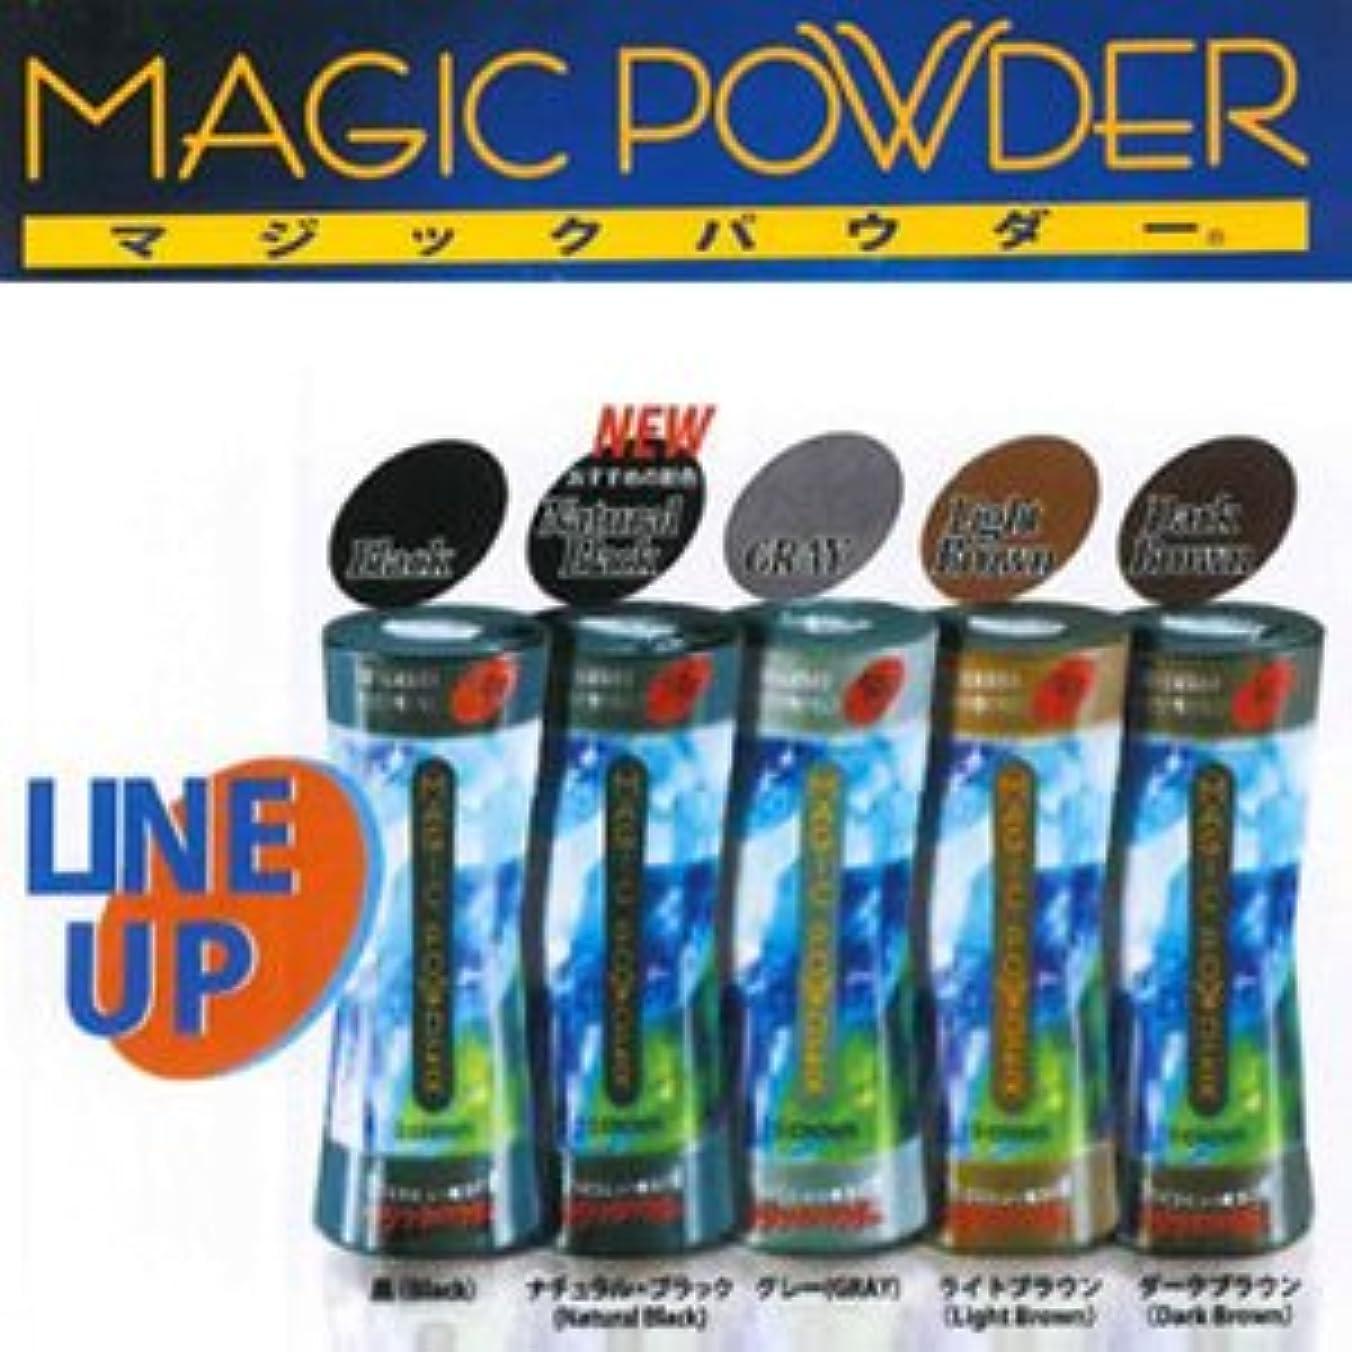 クモ補足財団MAGIC POWDER マジックパウダー ナチュラル?ブラック 50g 2個セット ※貴方の髪を簡単ボリュームアップ!